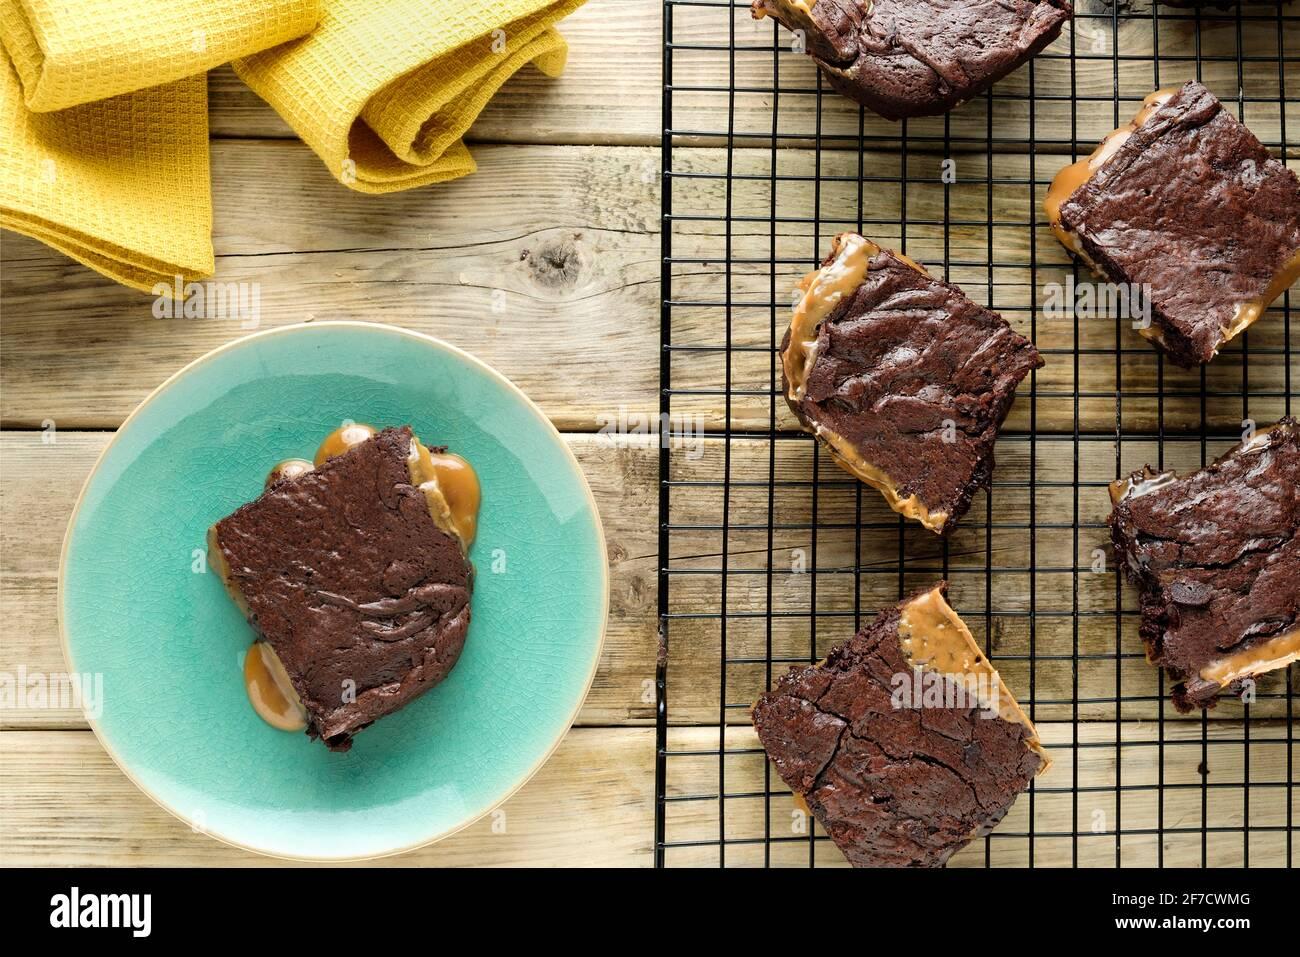 Un lot de brownies au caramel fraîchement cuites rafraîchi sur une grille métallique. Un brownie est plaqué et suce le caramel fondu sur l'assiette Banque D'Images